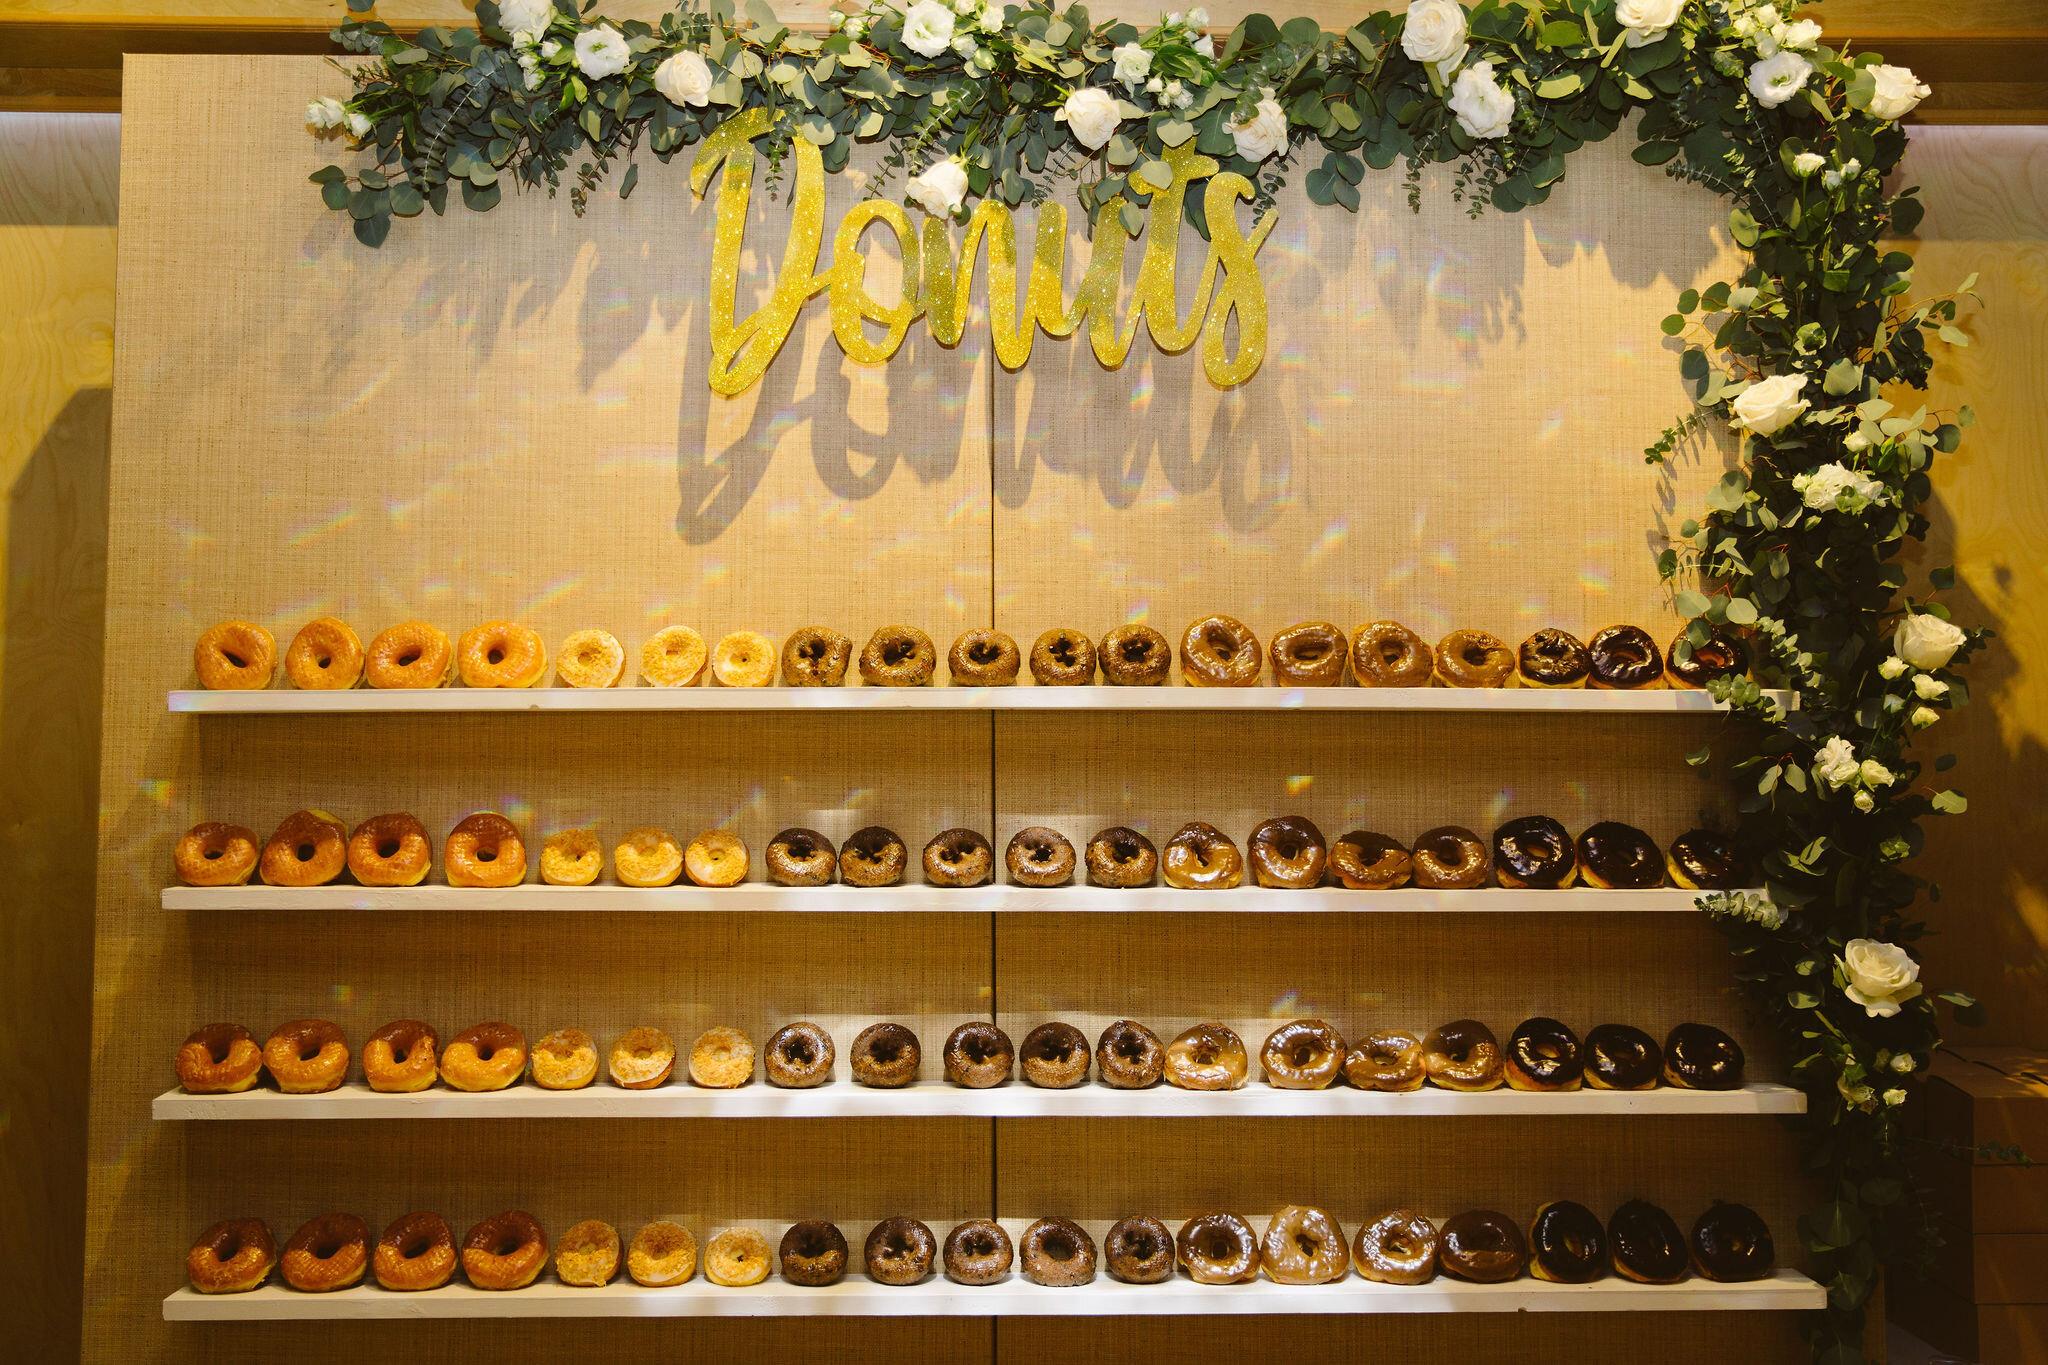 dessert-donut-wall